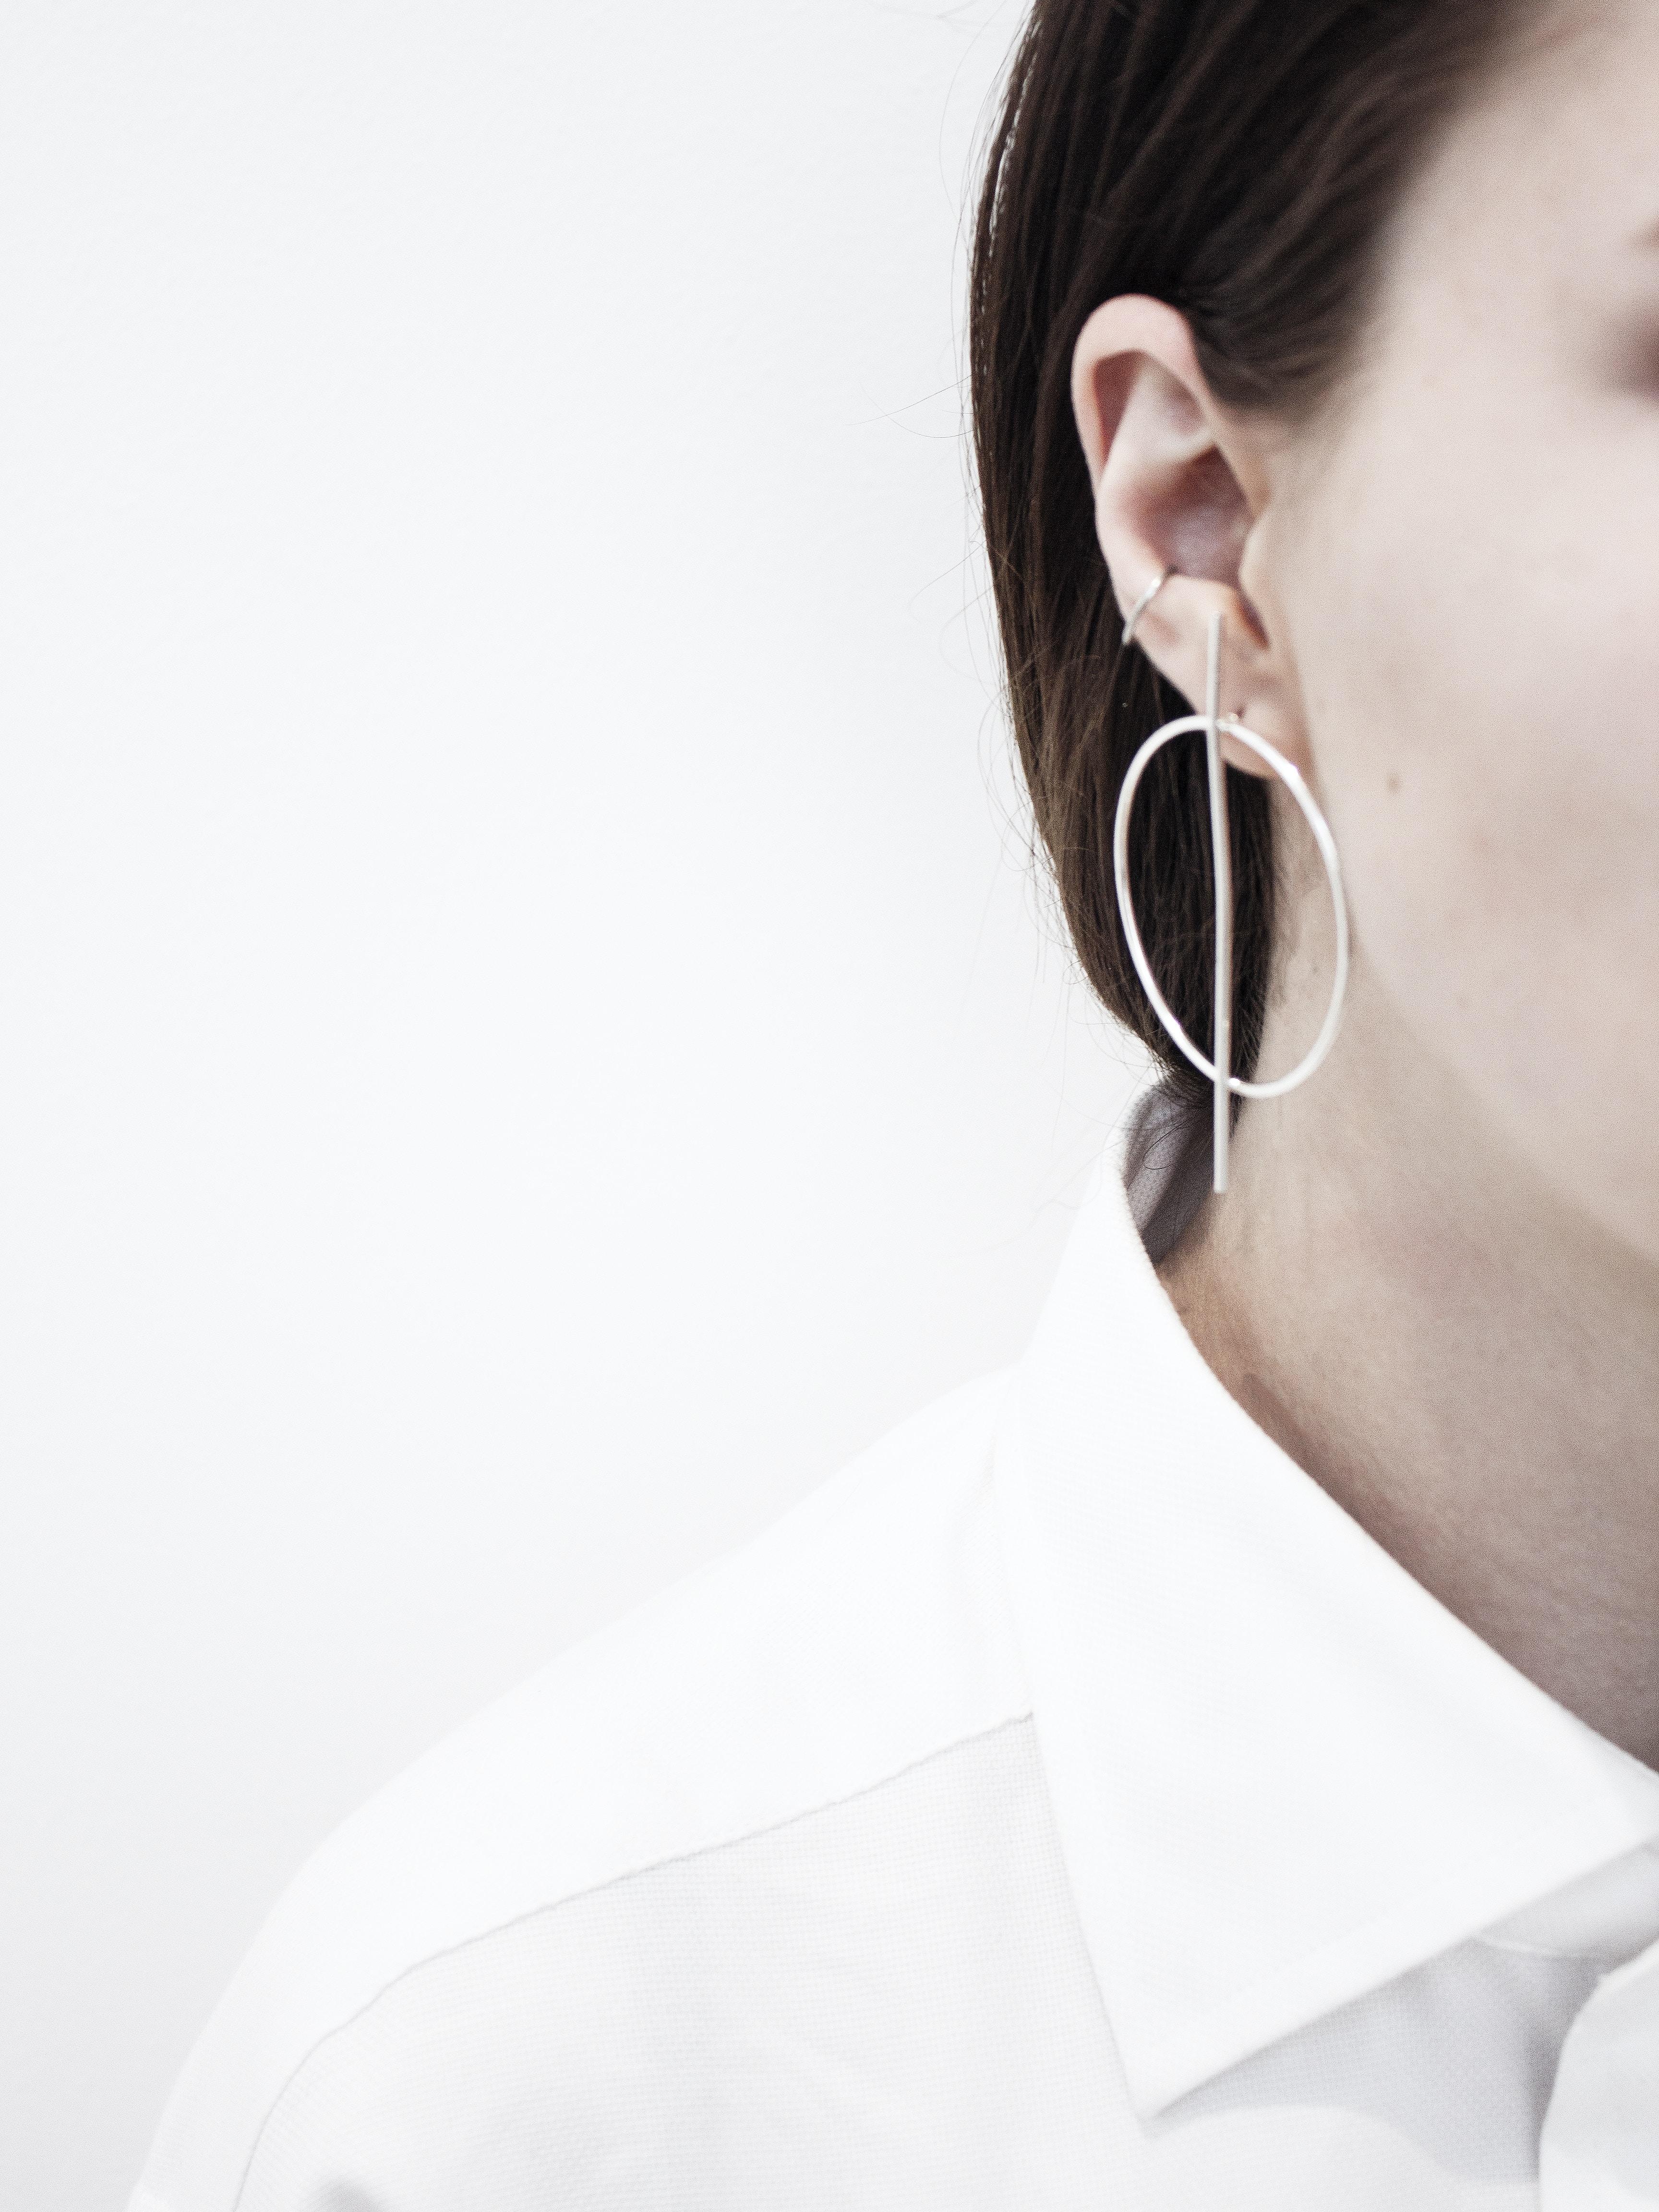 woman wearing hoop earring